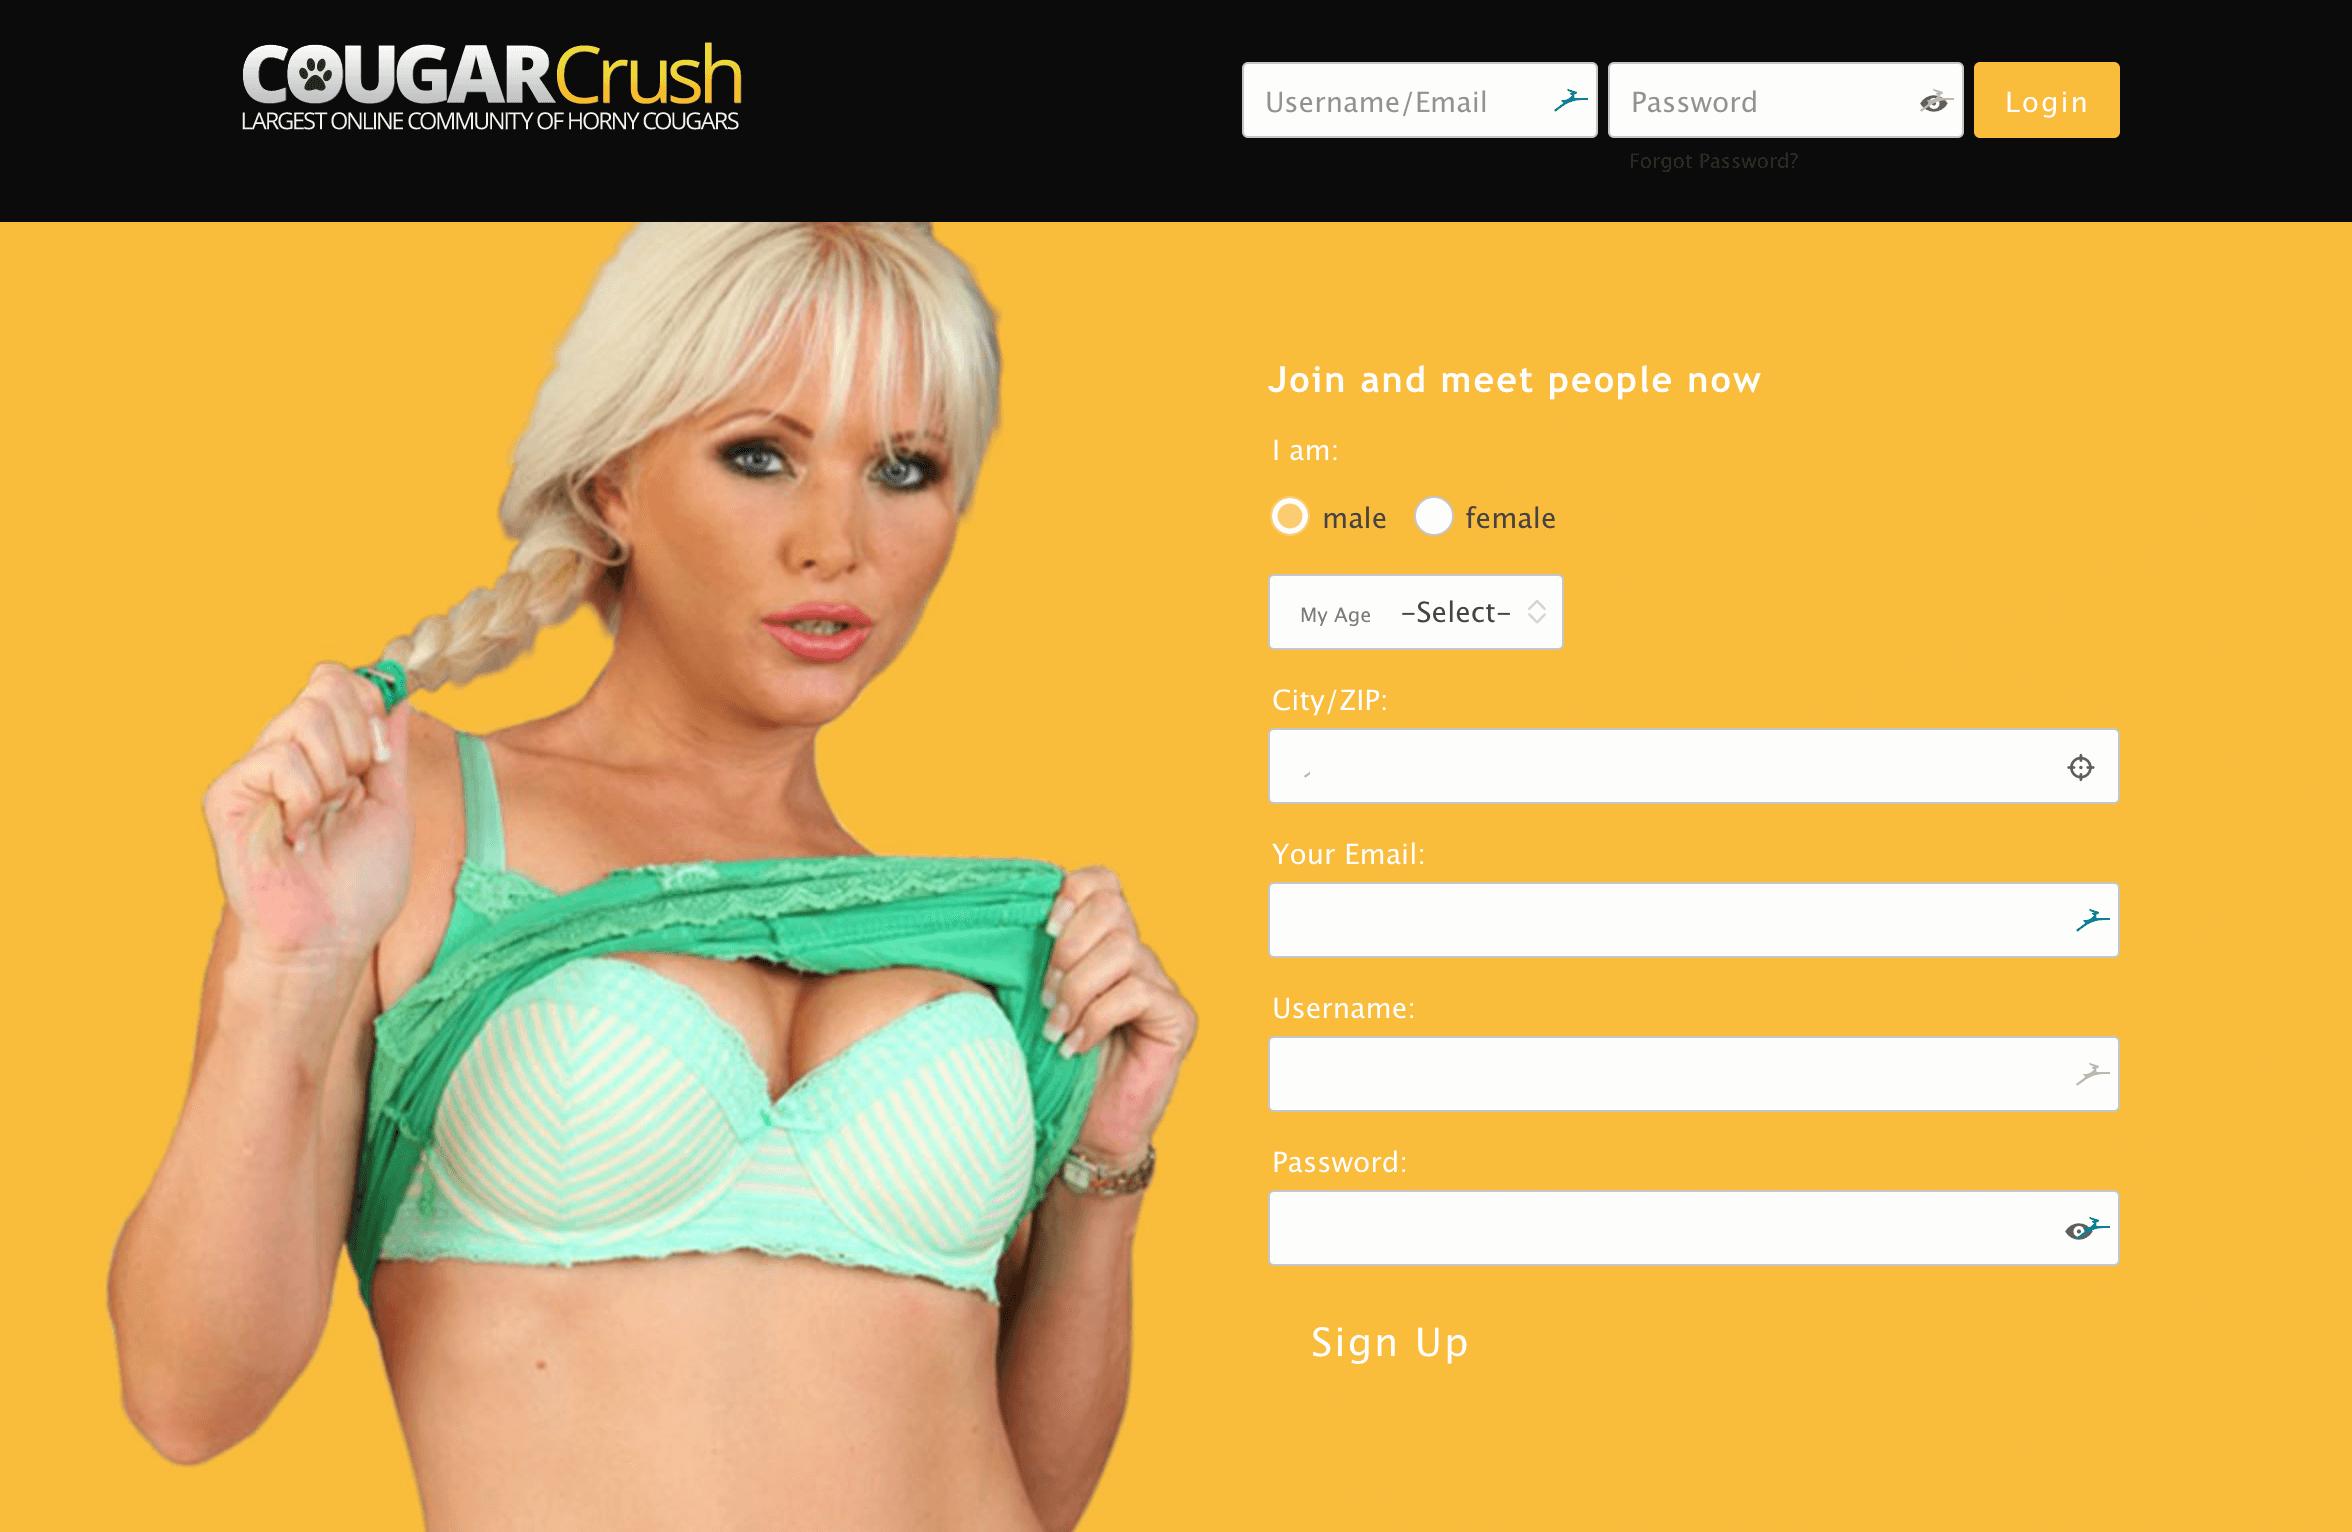 CougarCrush-com